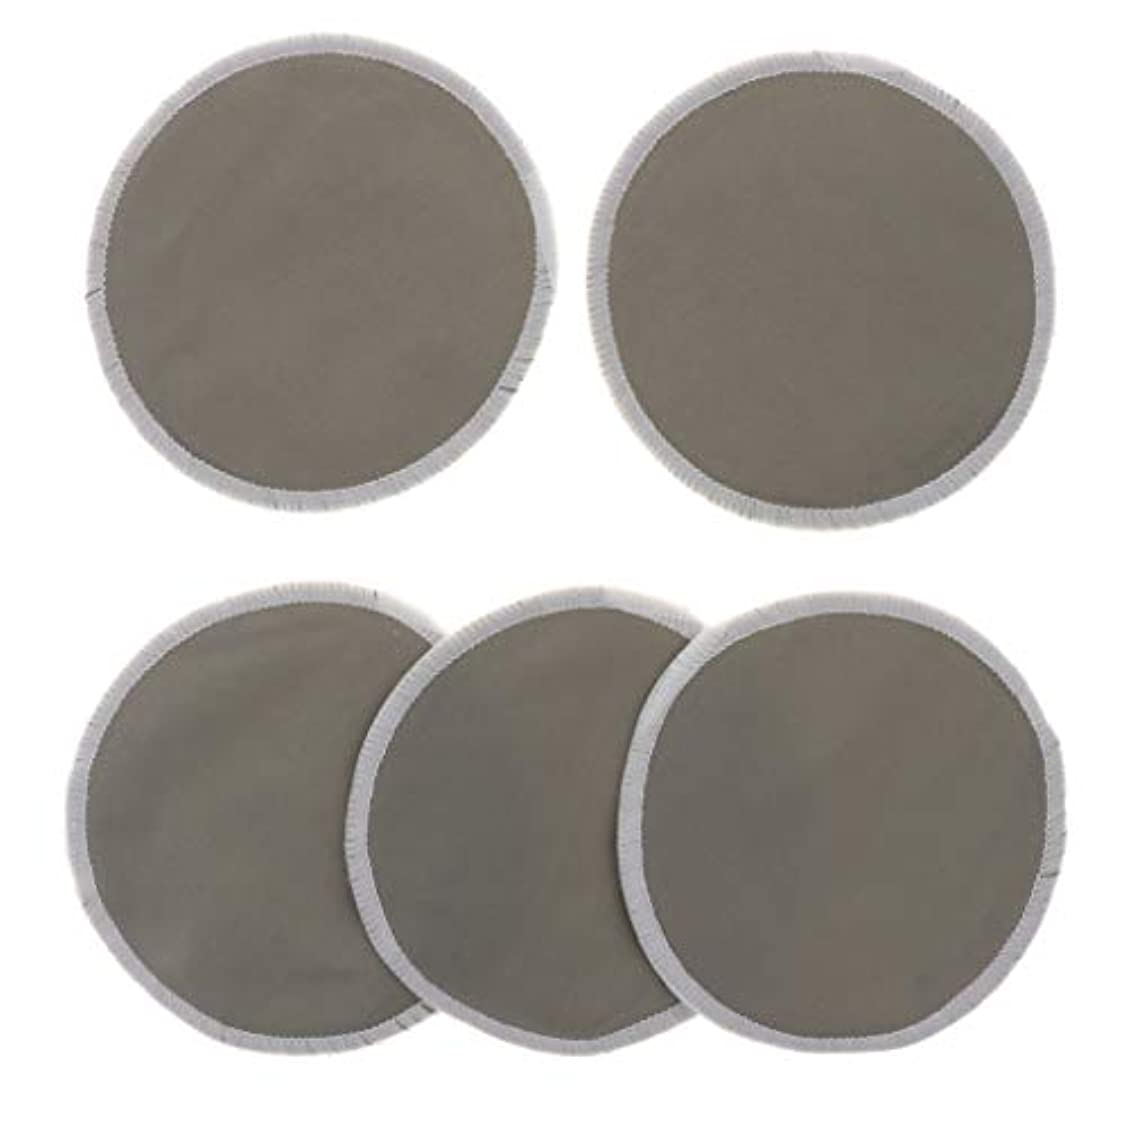 受け皿凍結付属品胸パッド クレンジングシート メイク落とし用 竹繊維 円形 12cm 吸収性 再使用可能 5個 全5色 - グレー